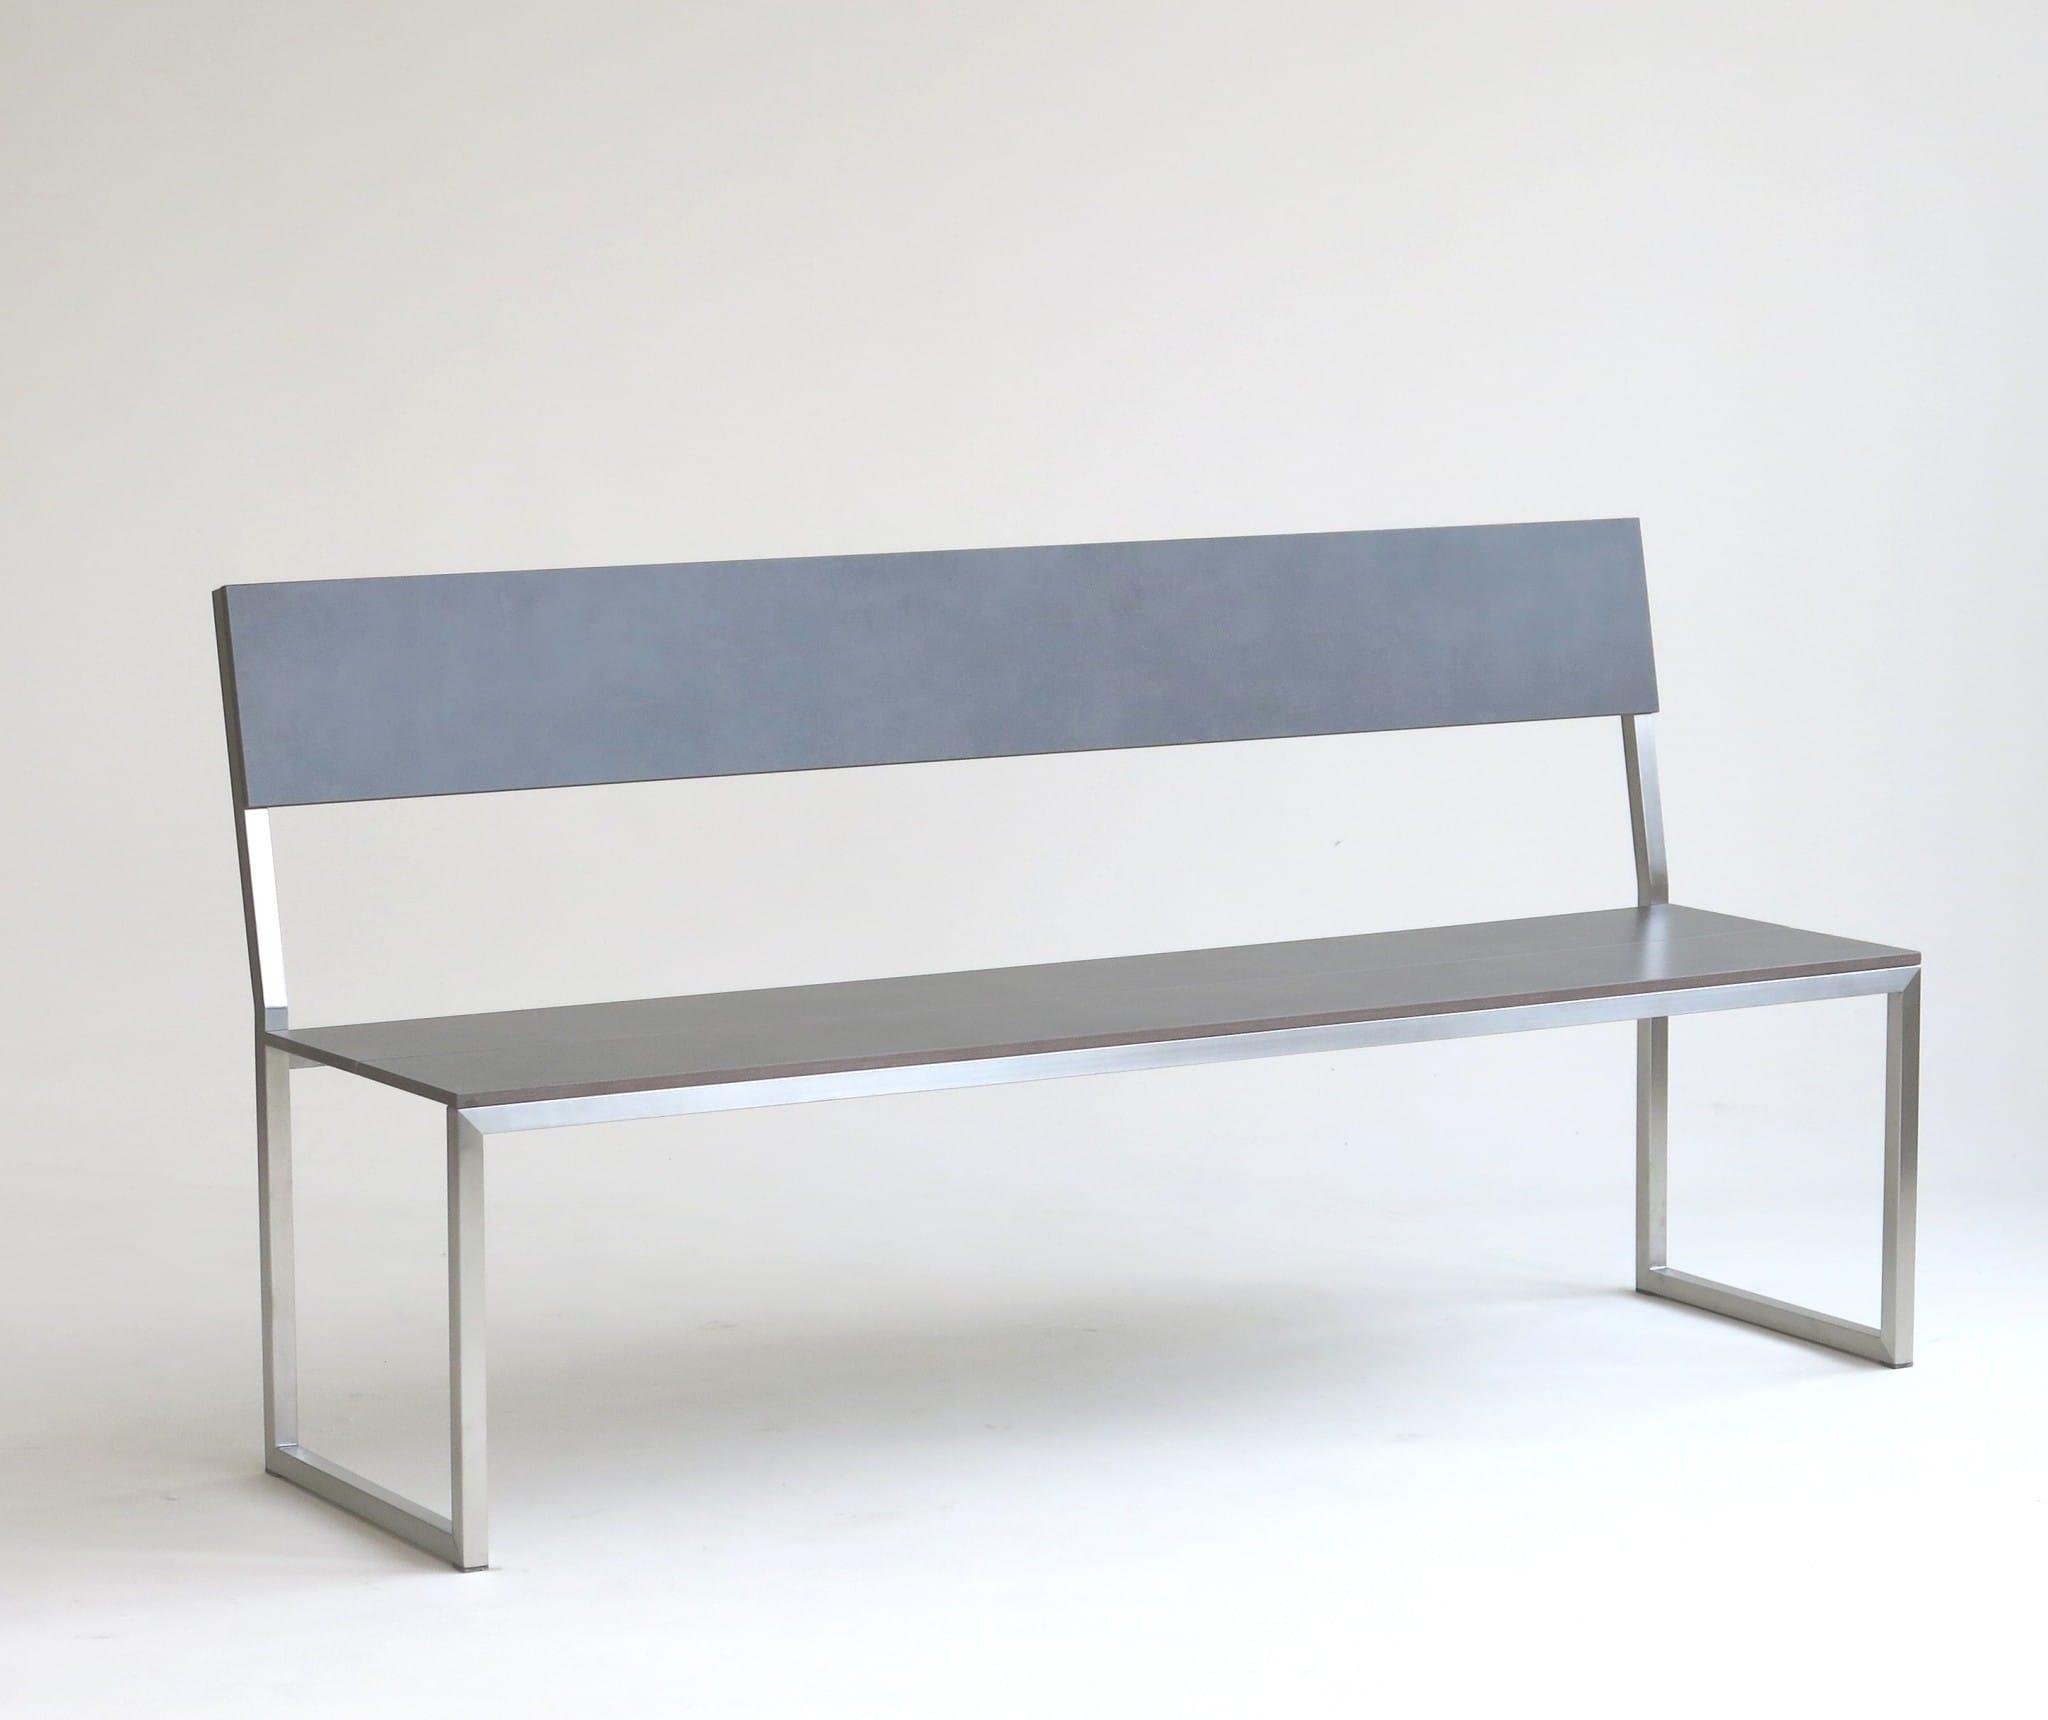 carma edelstahl board bank mit r ckenlehne hpl bumb gartenm bel karlsruhe. Black Bedroom Furniture Sets. Home Design Ideas